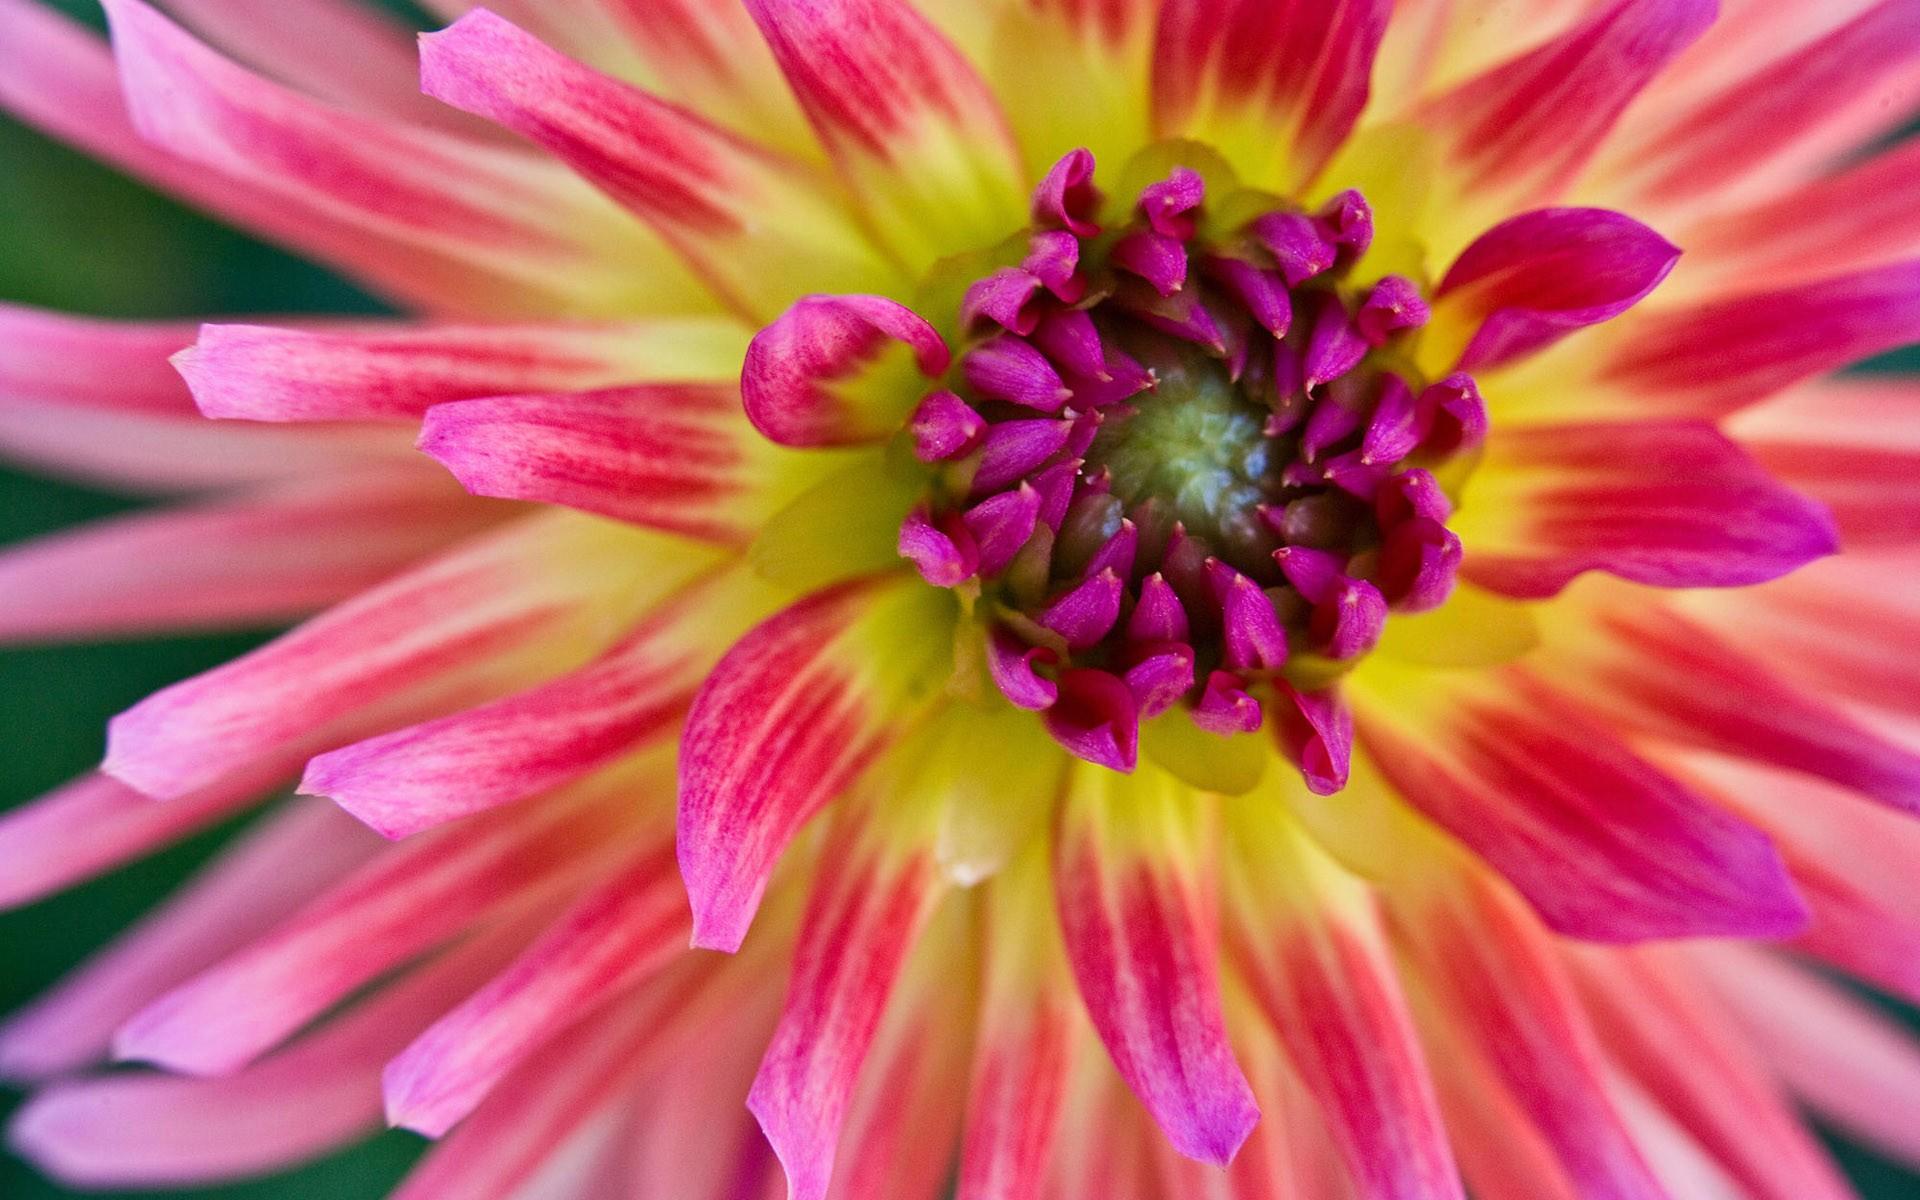 Flor de muchos colores - 1920x1200